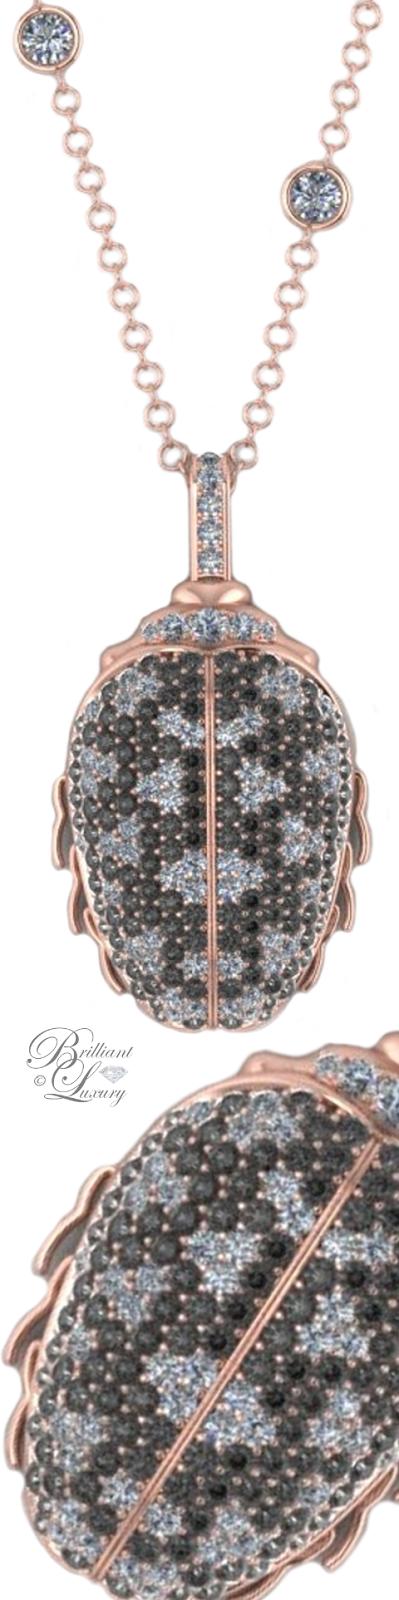 Brilliant Luxury ♦ Bobby White Lady London Necklace